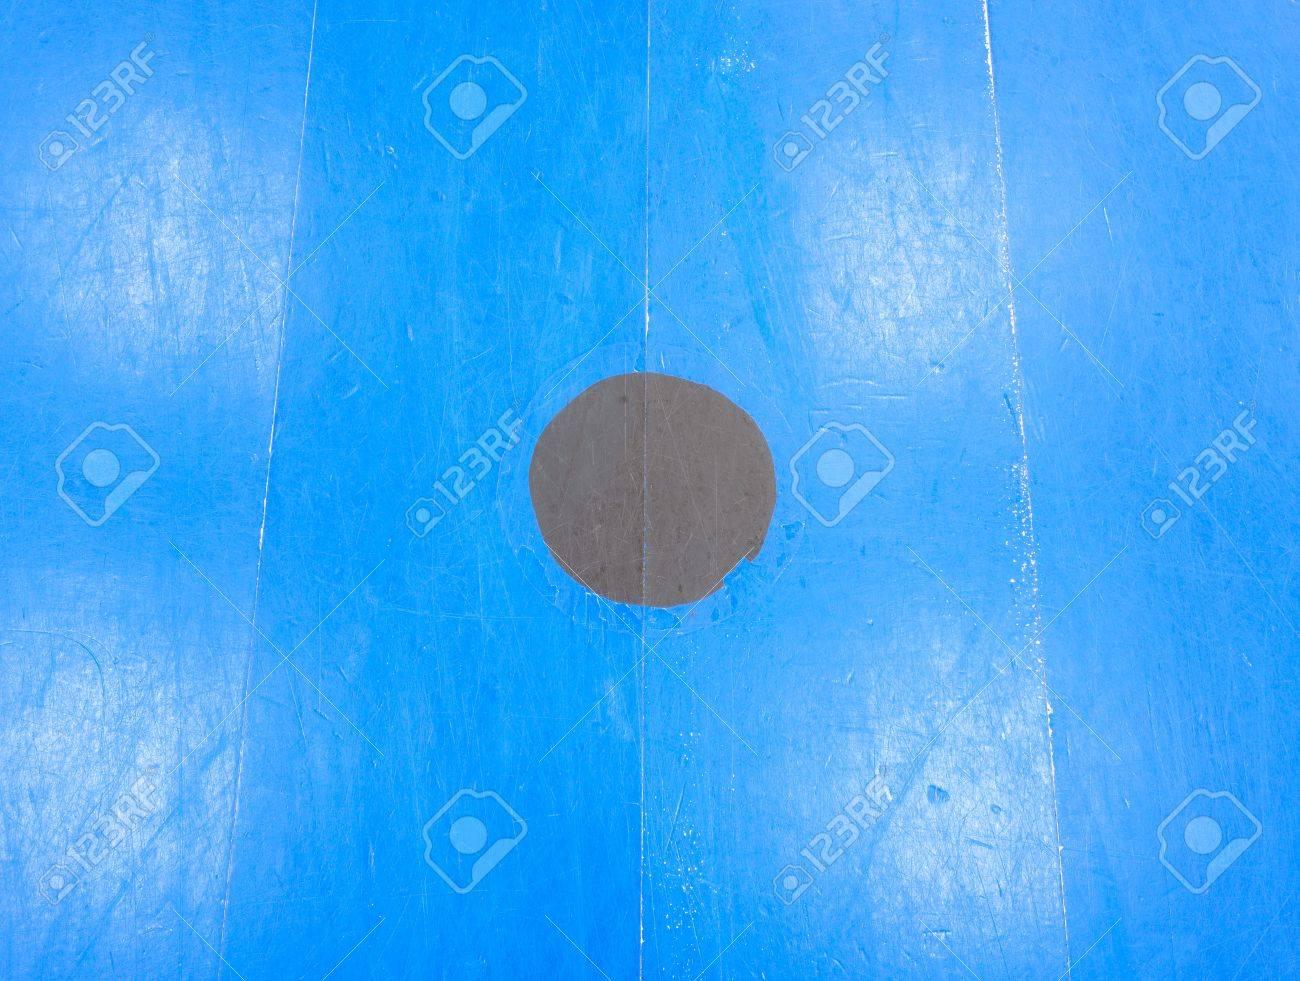 Zwart punt in blauw speelveld. geschilderde houten vloer van